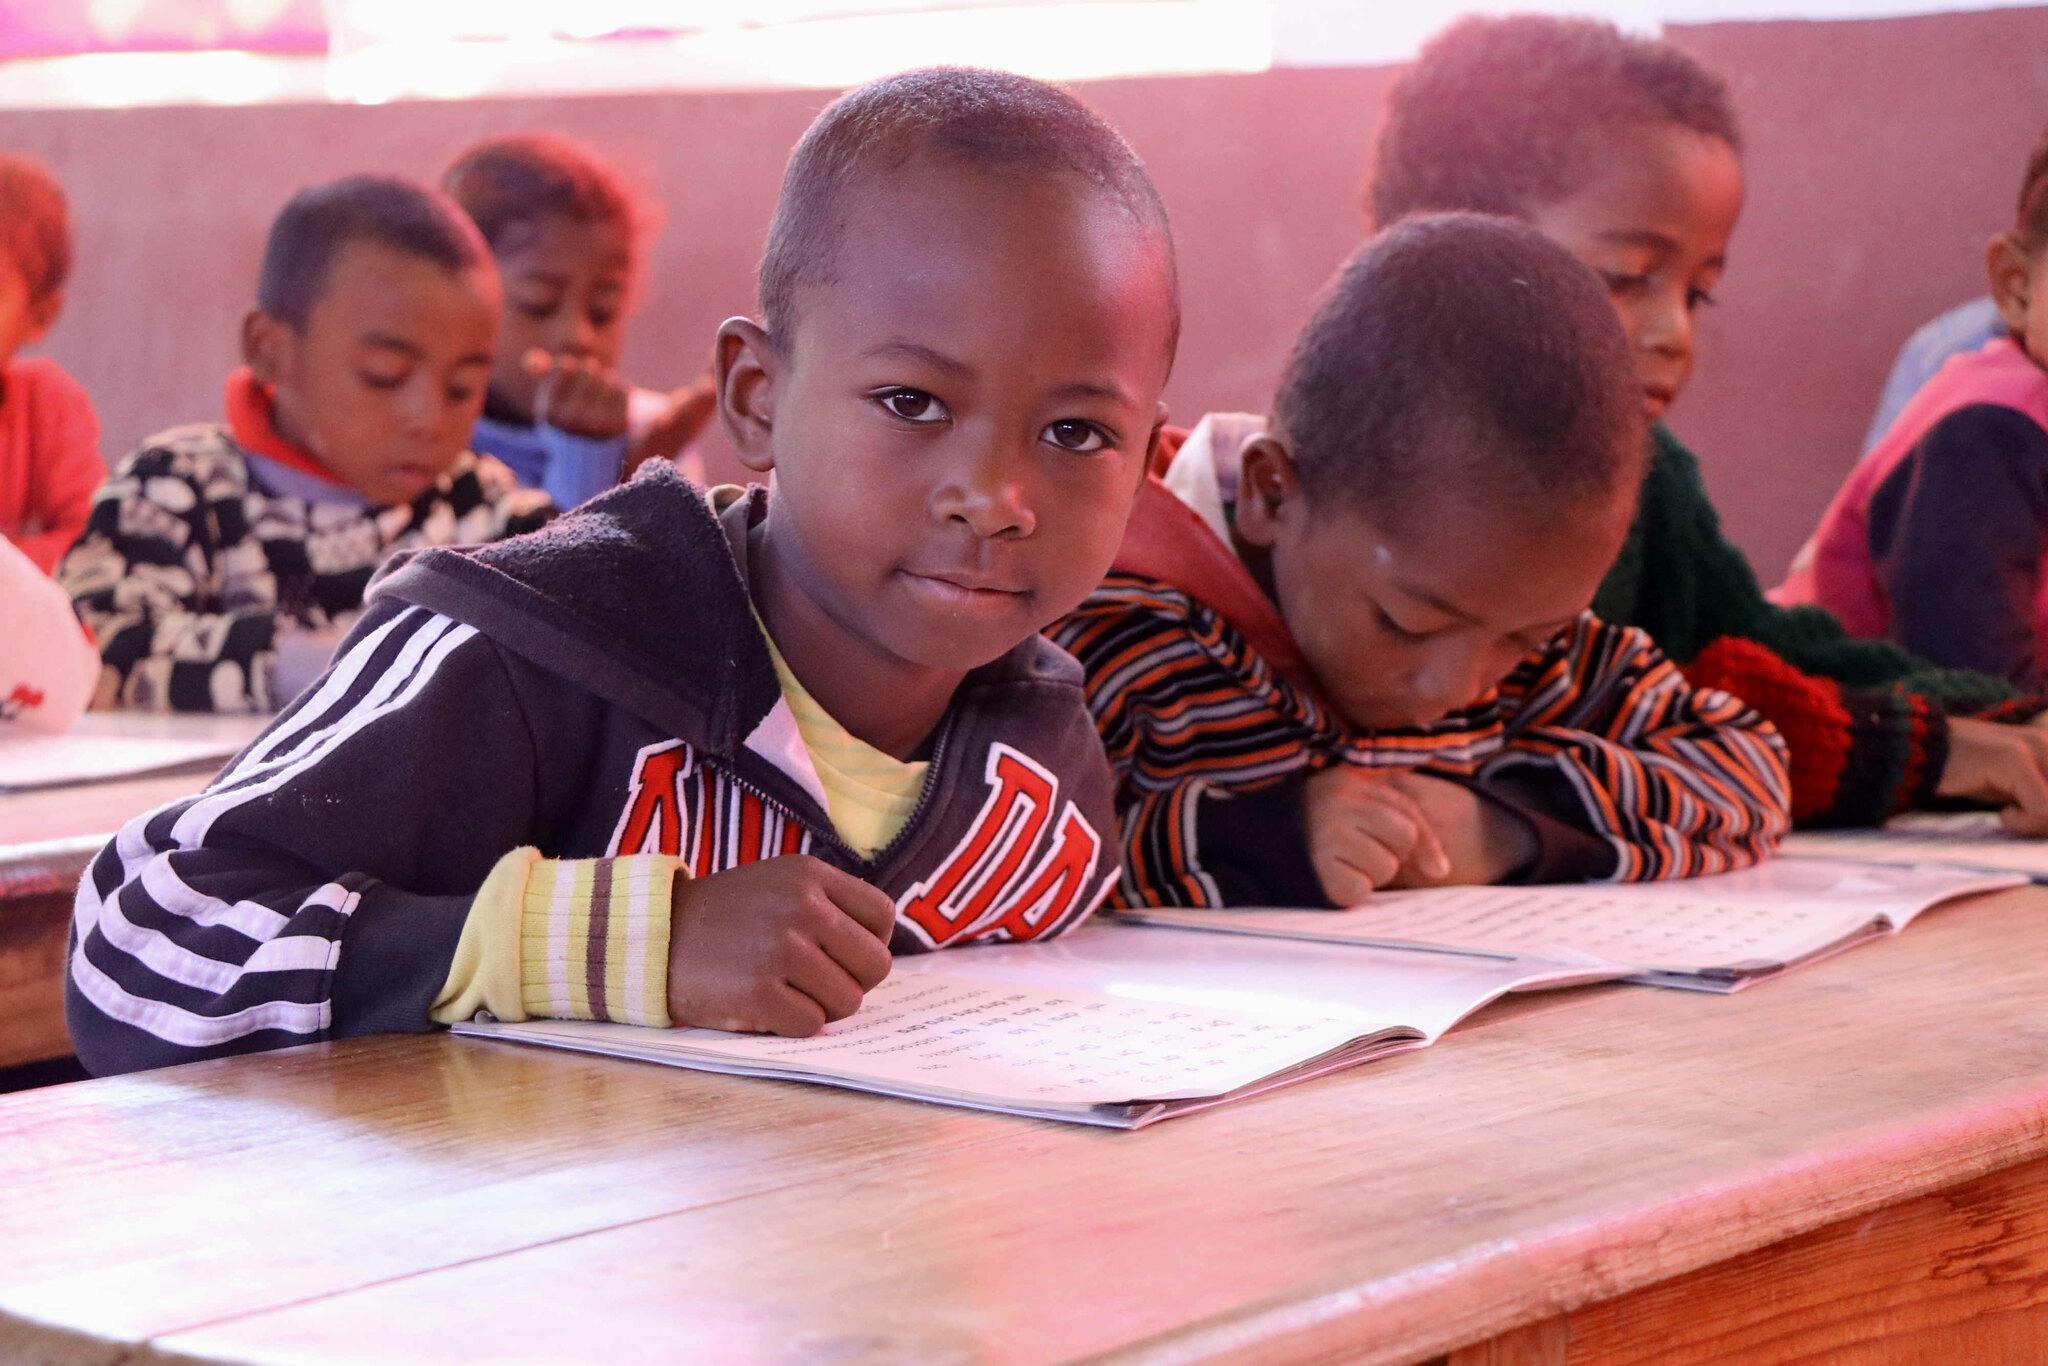 Credit: USAID Madagascar/A.G. Klei